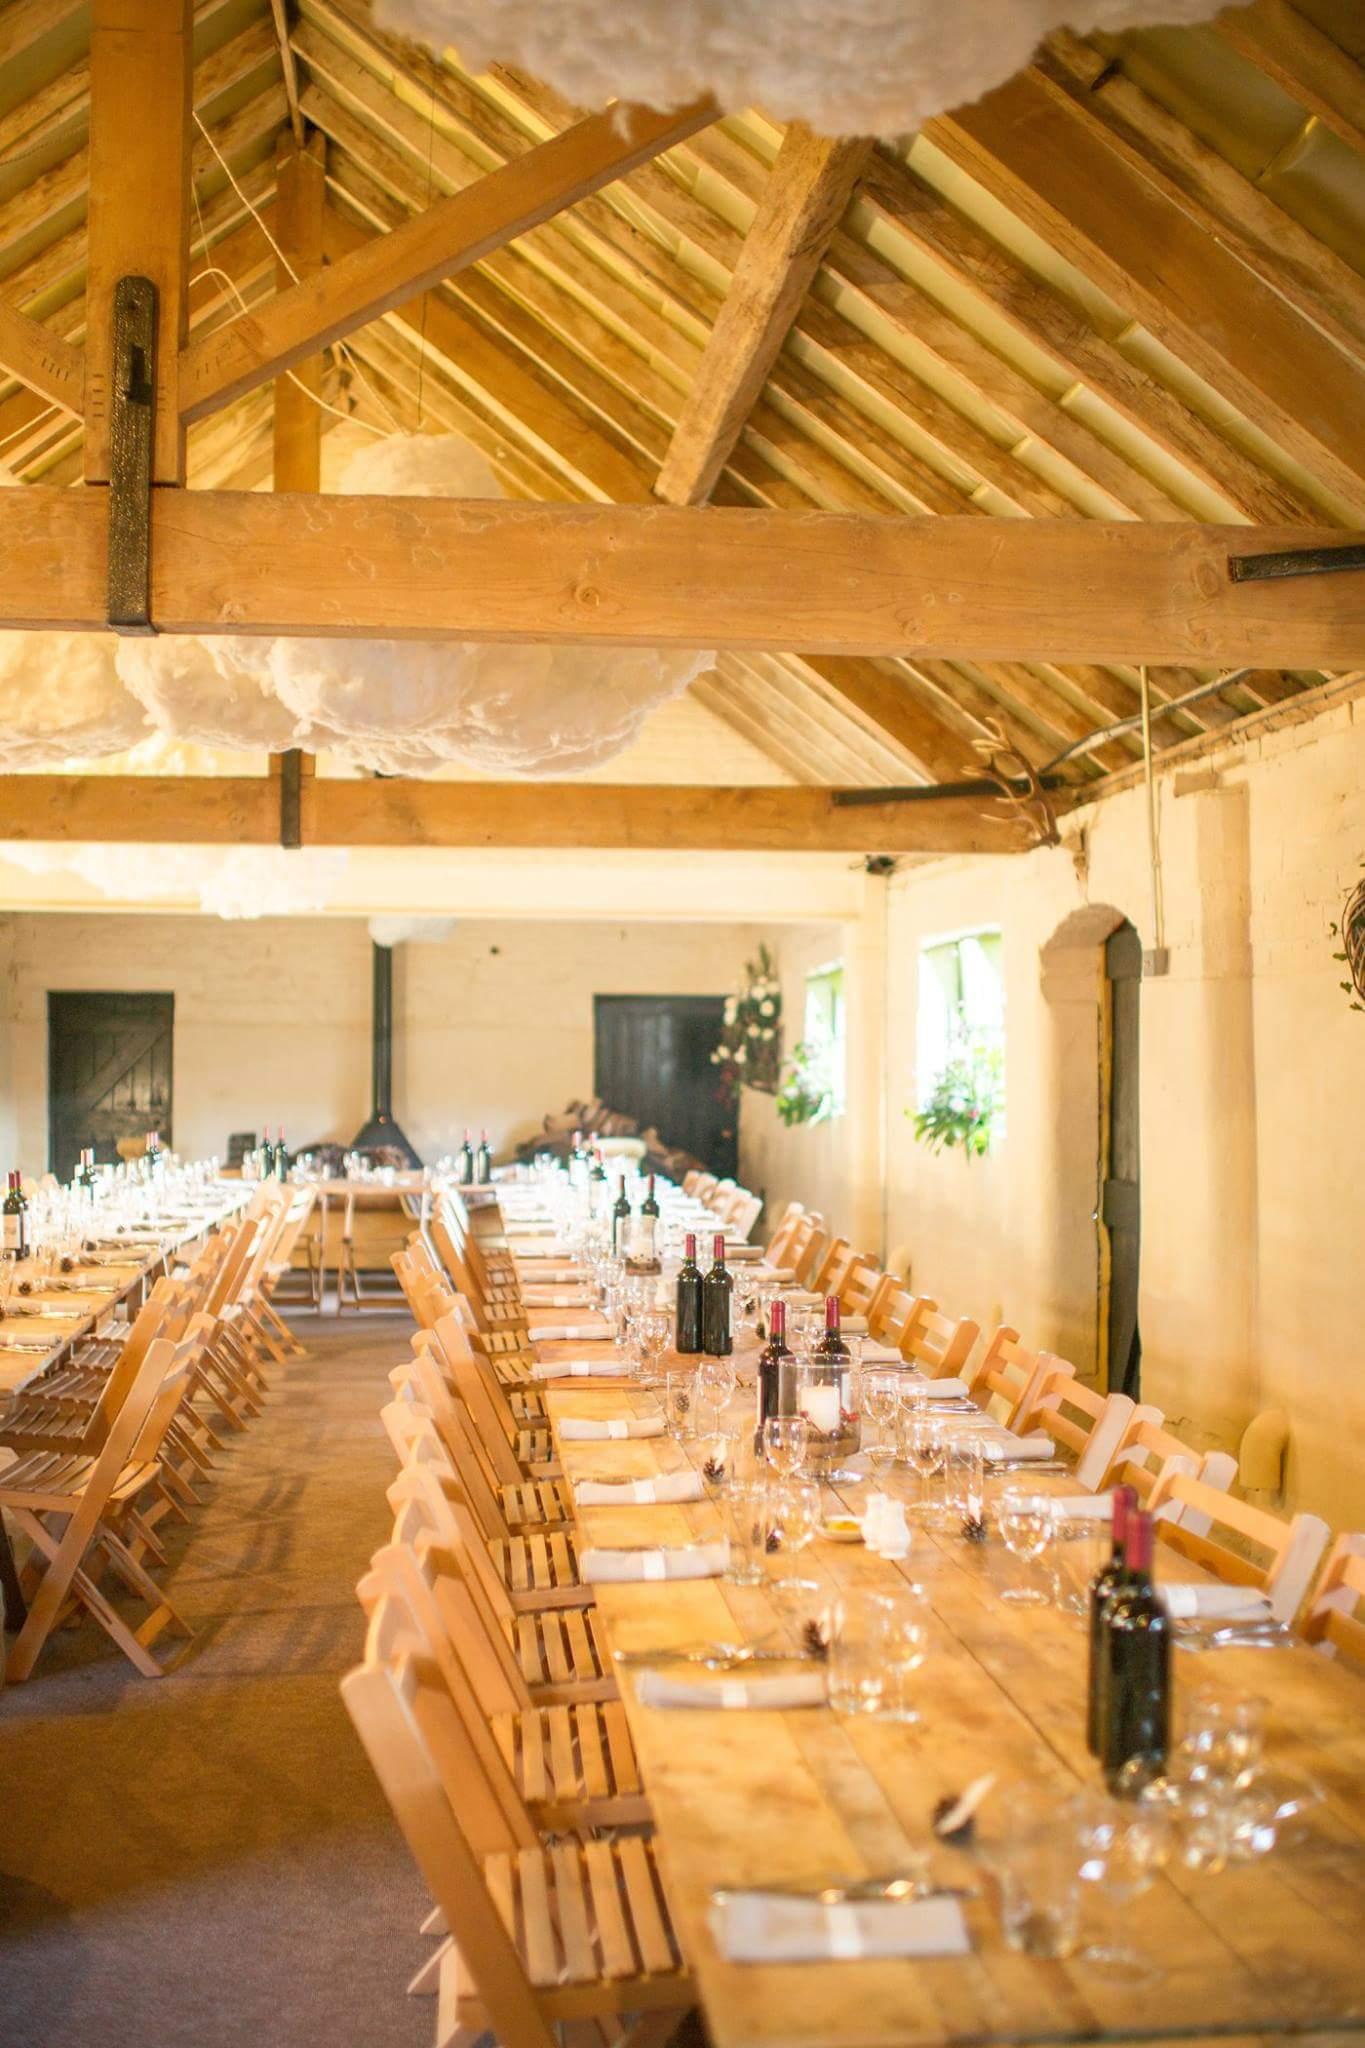 Chillington Hall Wedding Reception Venues In Wolverhampton